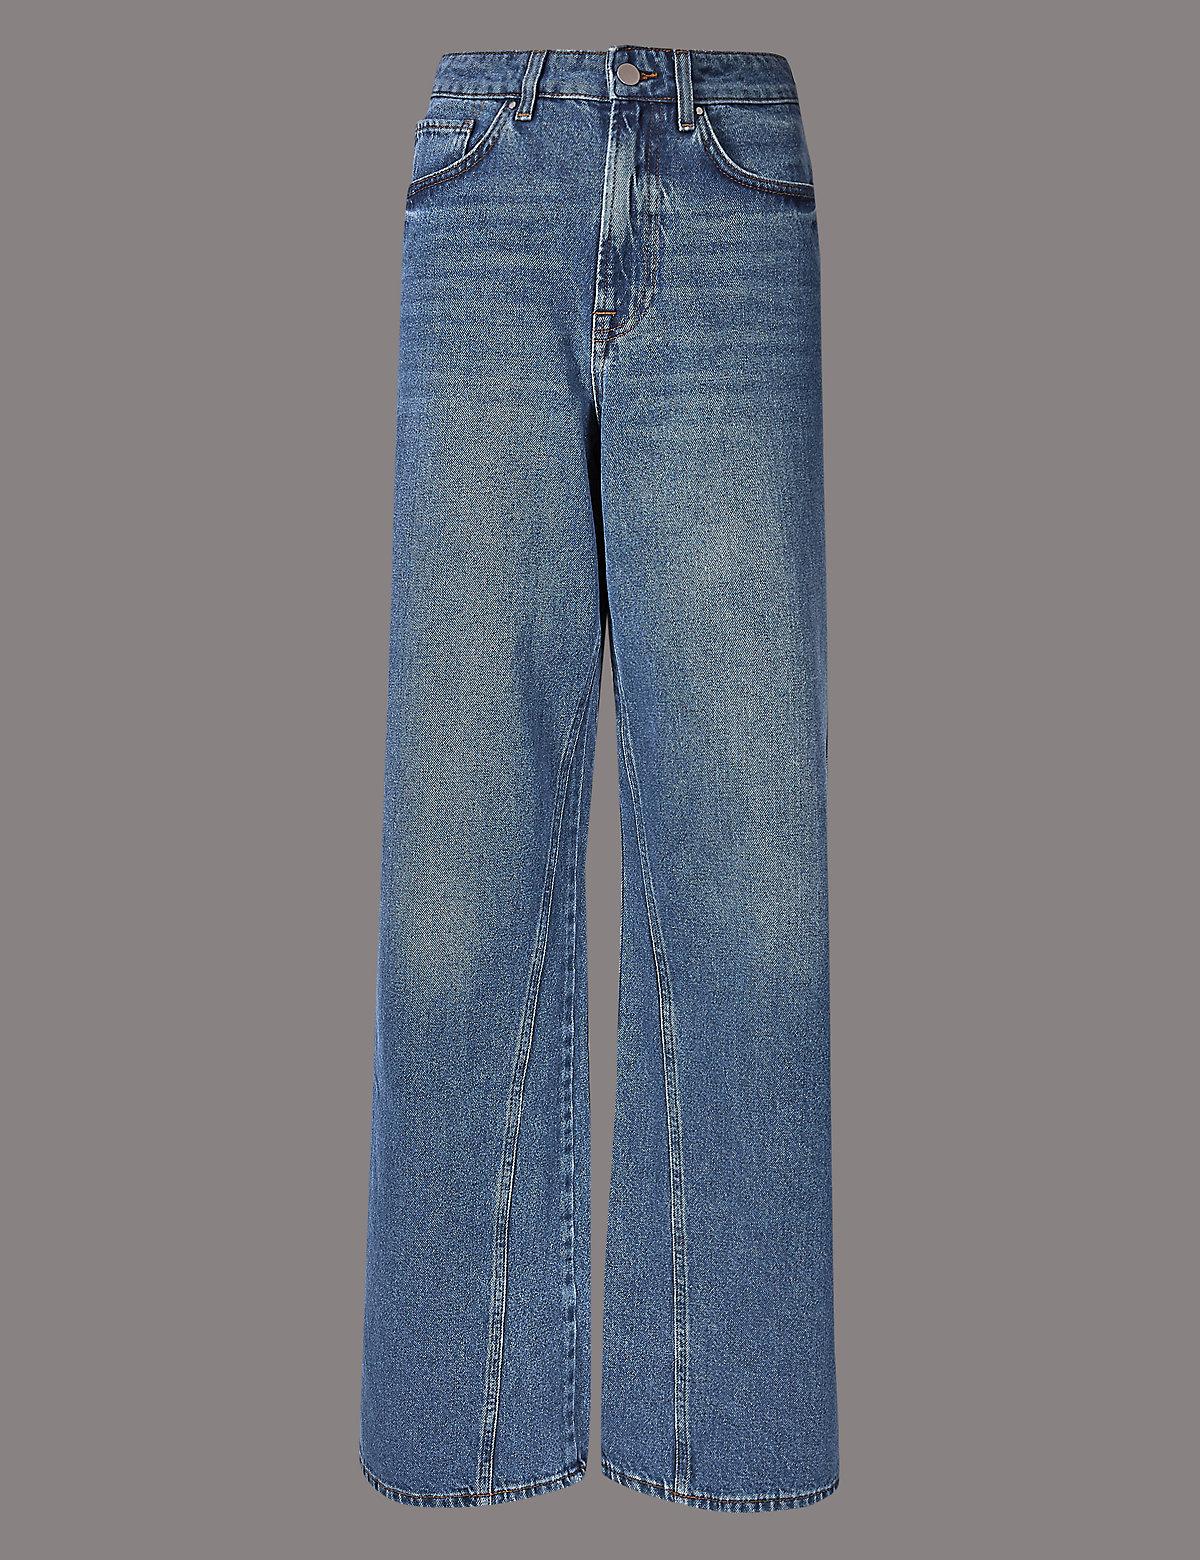 Прямые широкие джинсы средней посадки